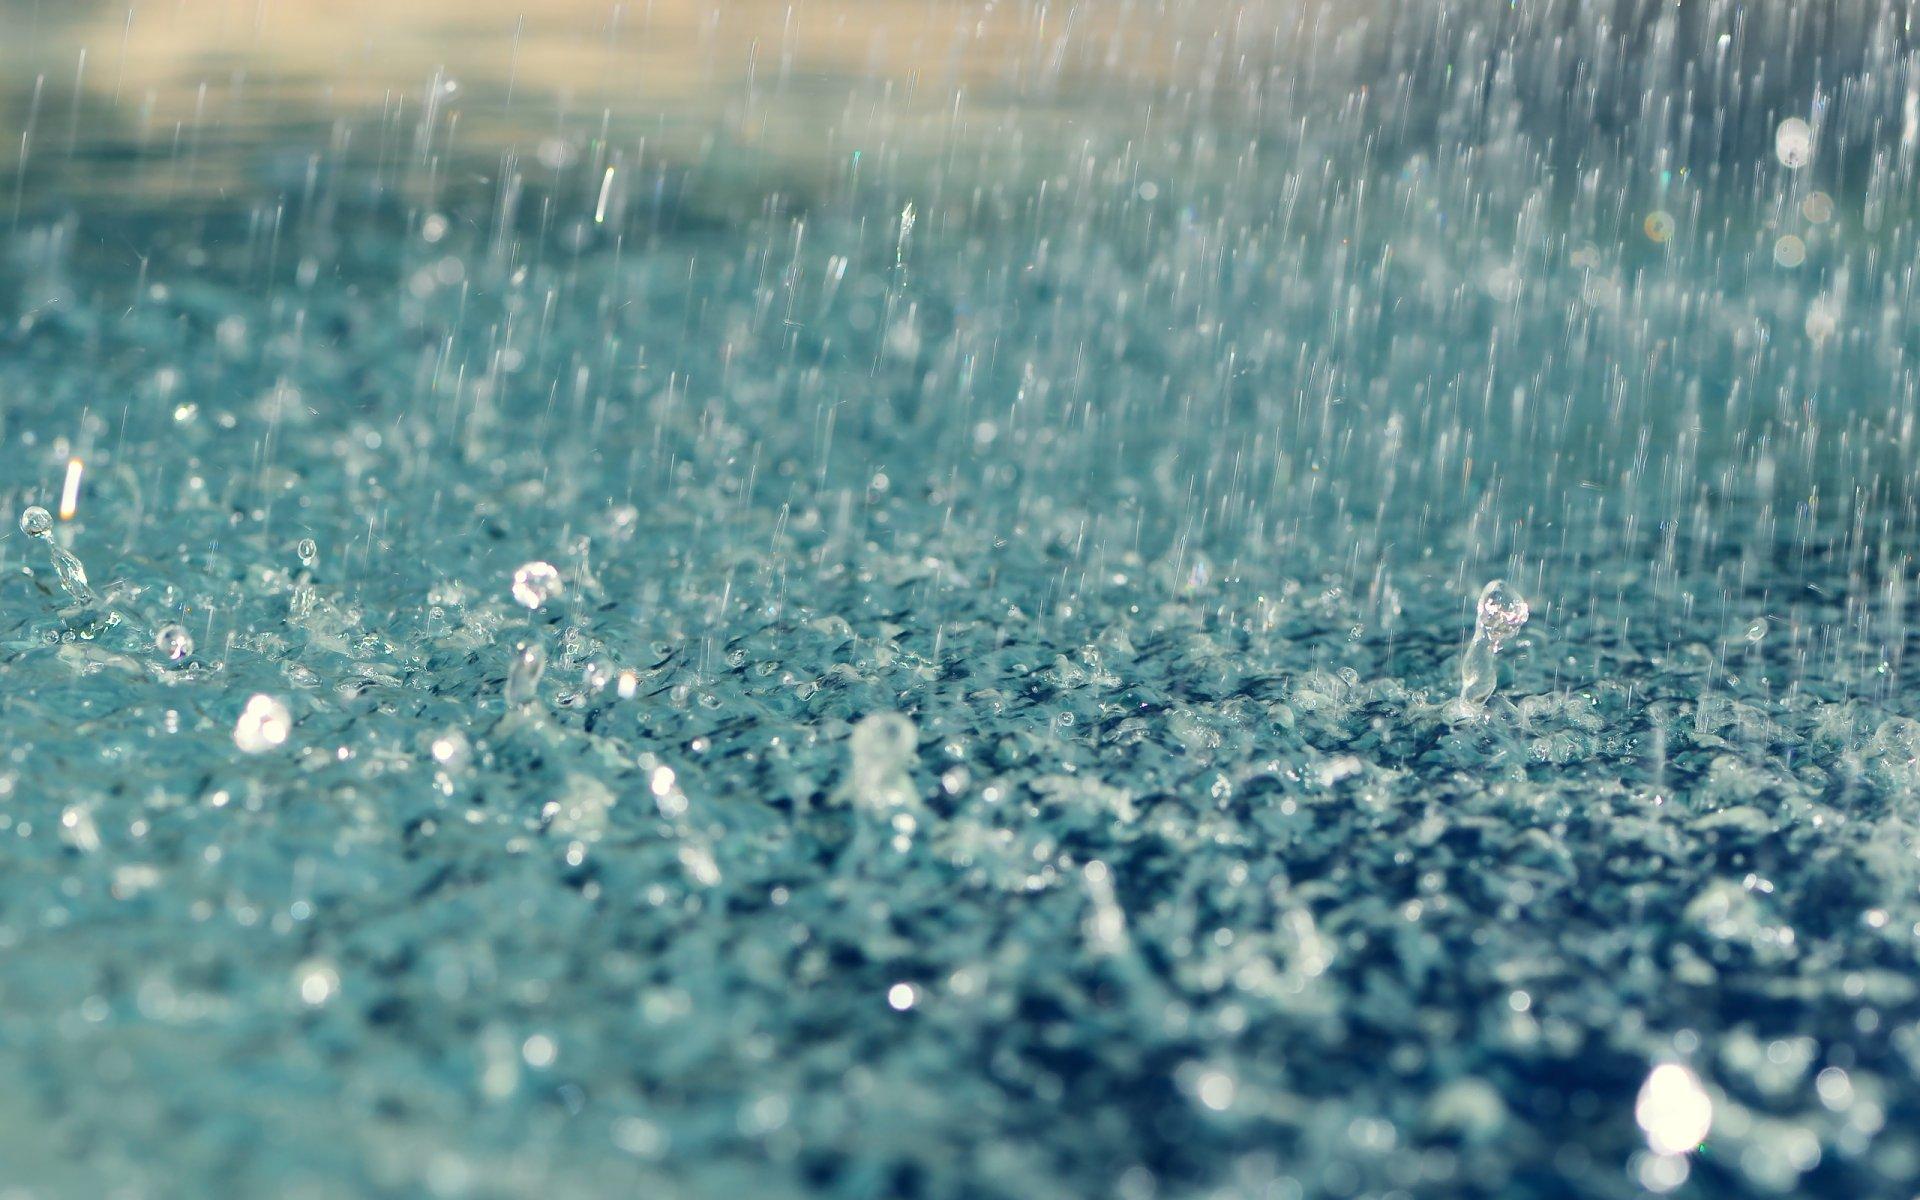 Картинки дождя красивые обои